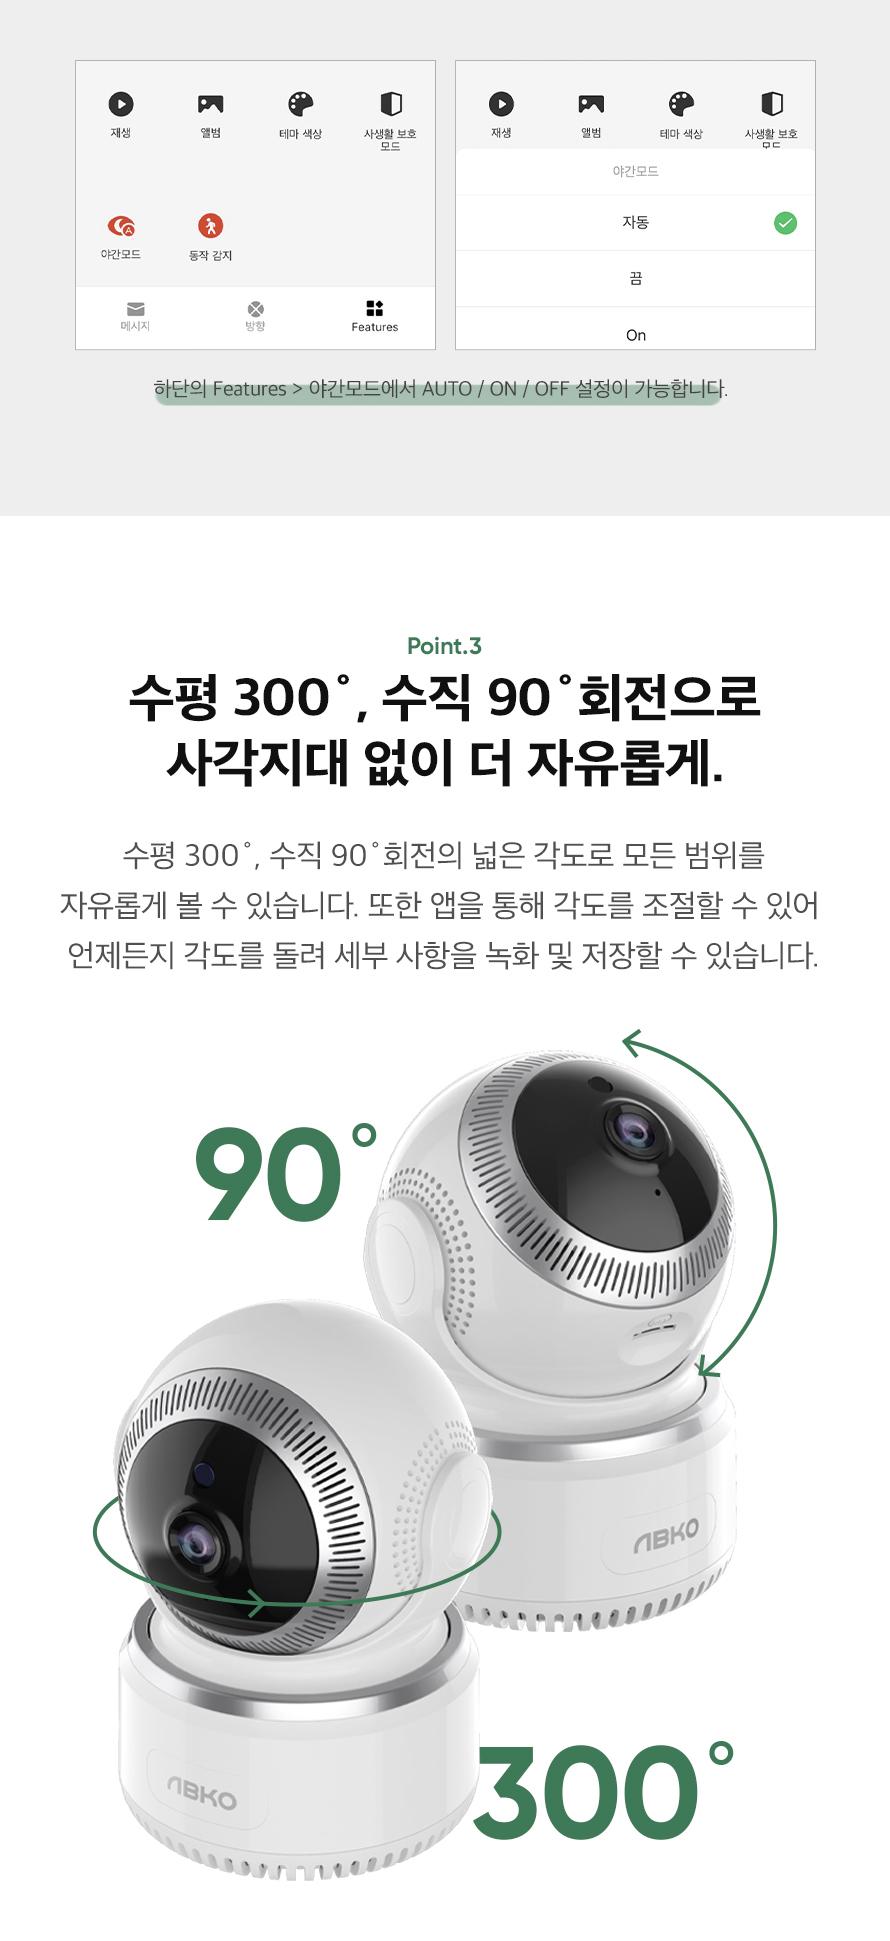 앱코 ASC11 홈캠